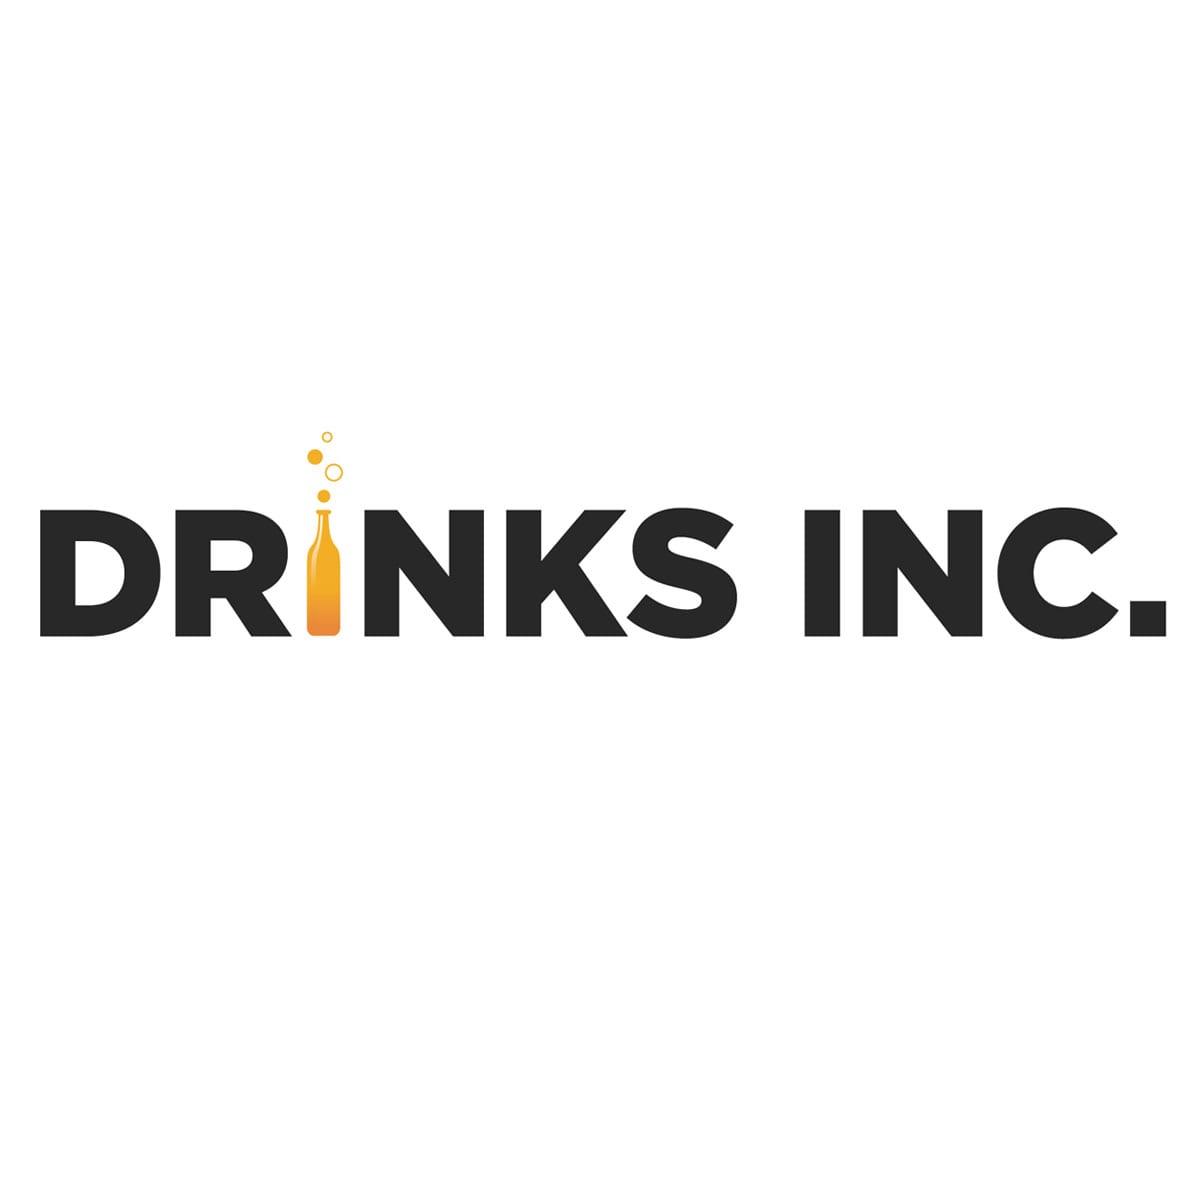 Drinks INC. Ltd